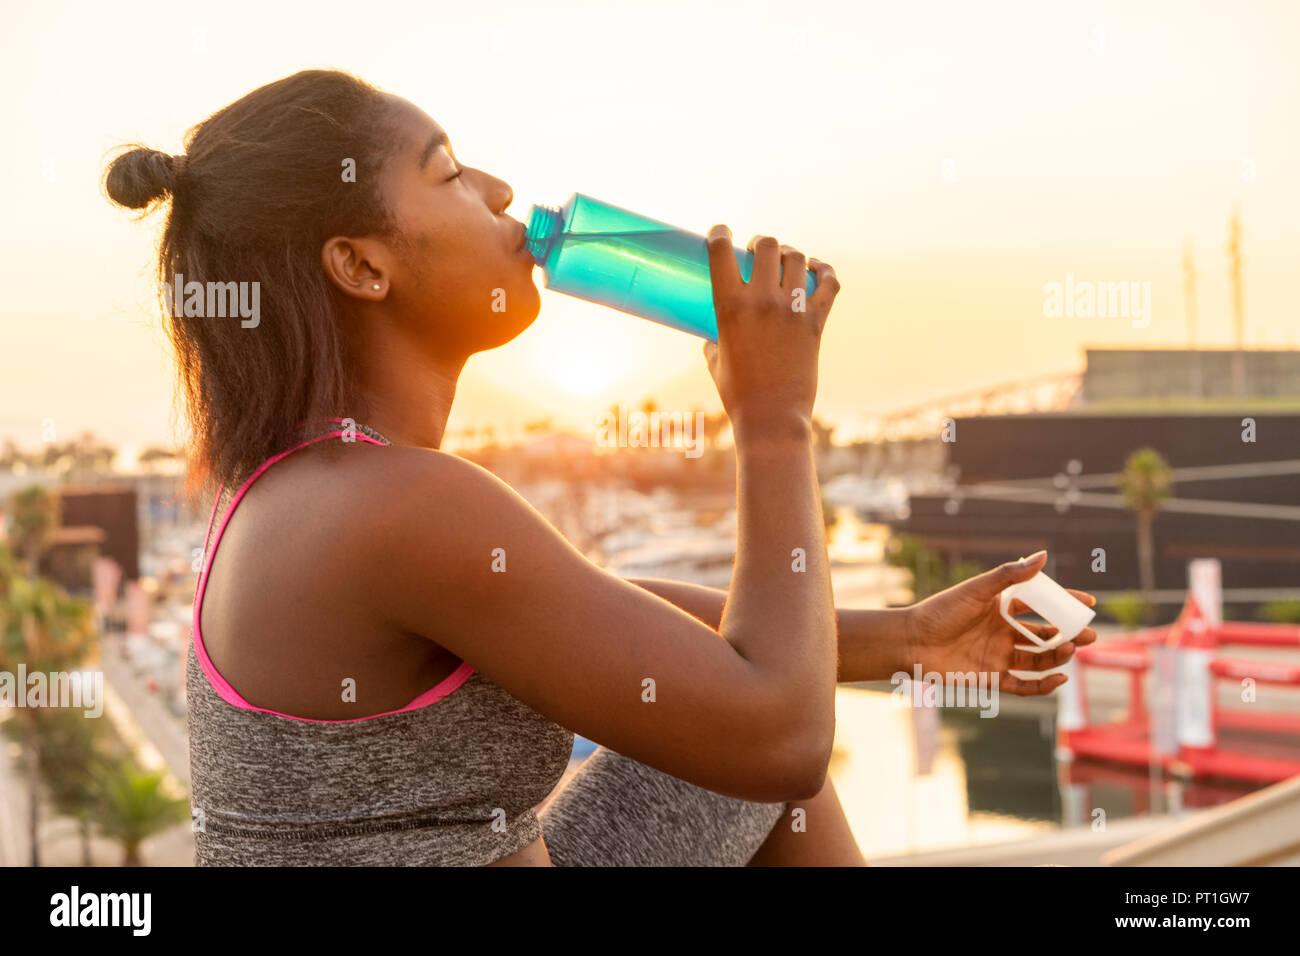 Junge Frau trinkt Wasser während der Arbeit Stockbild